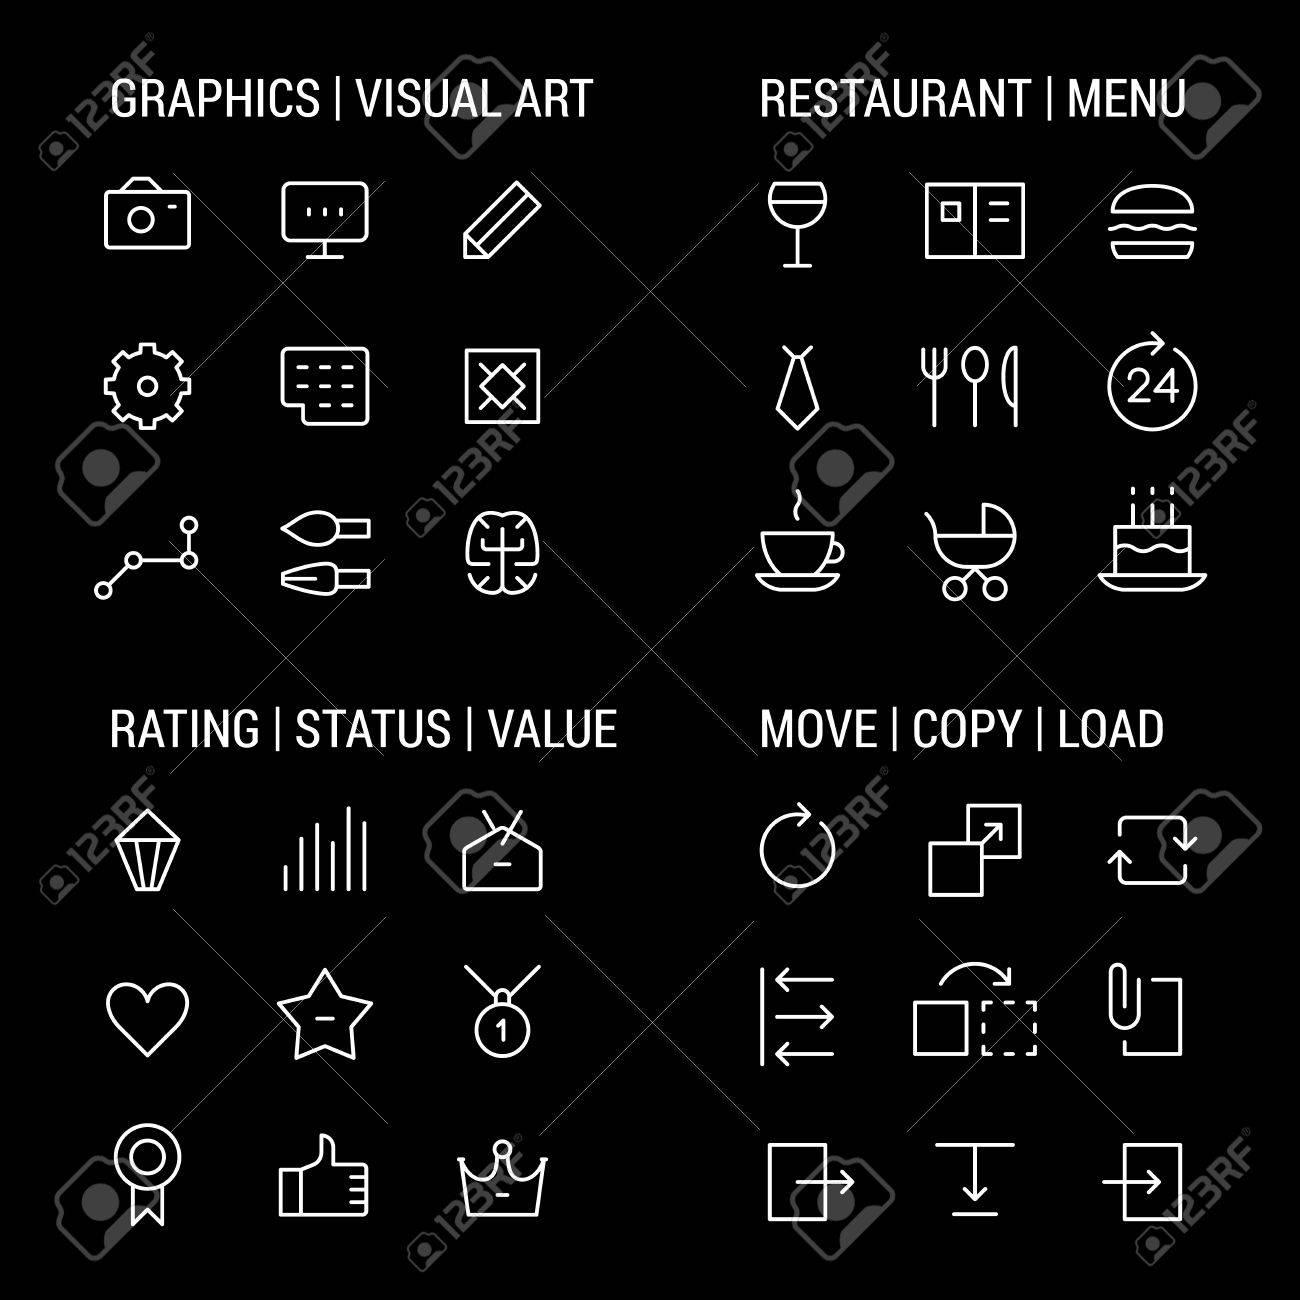 Iconos Conjuntos: Gráficos Y Las Artes Visuales, Menú Del ...